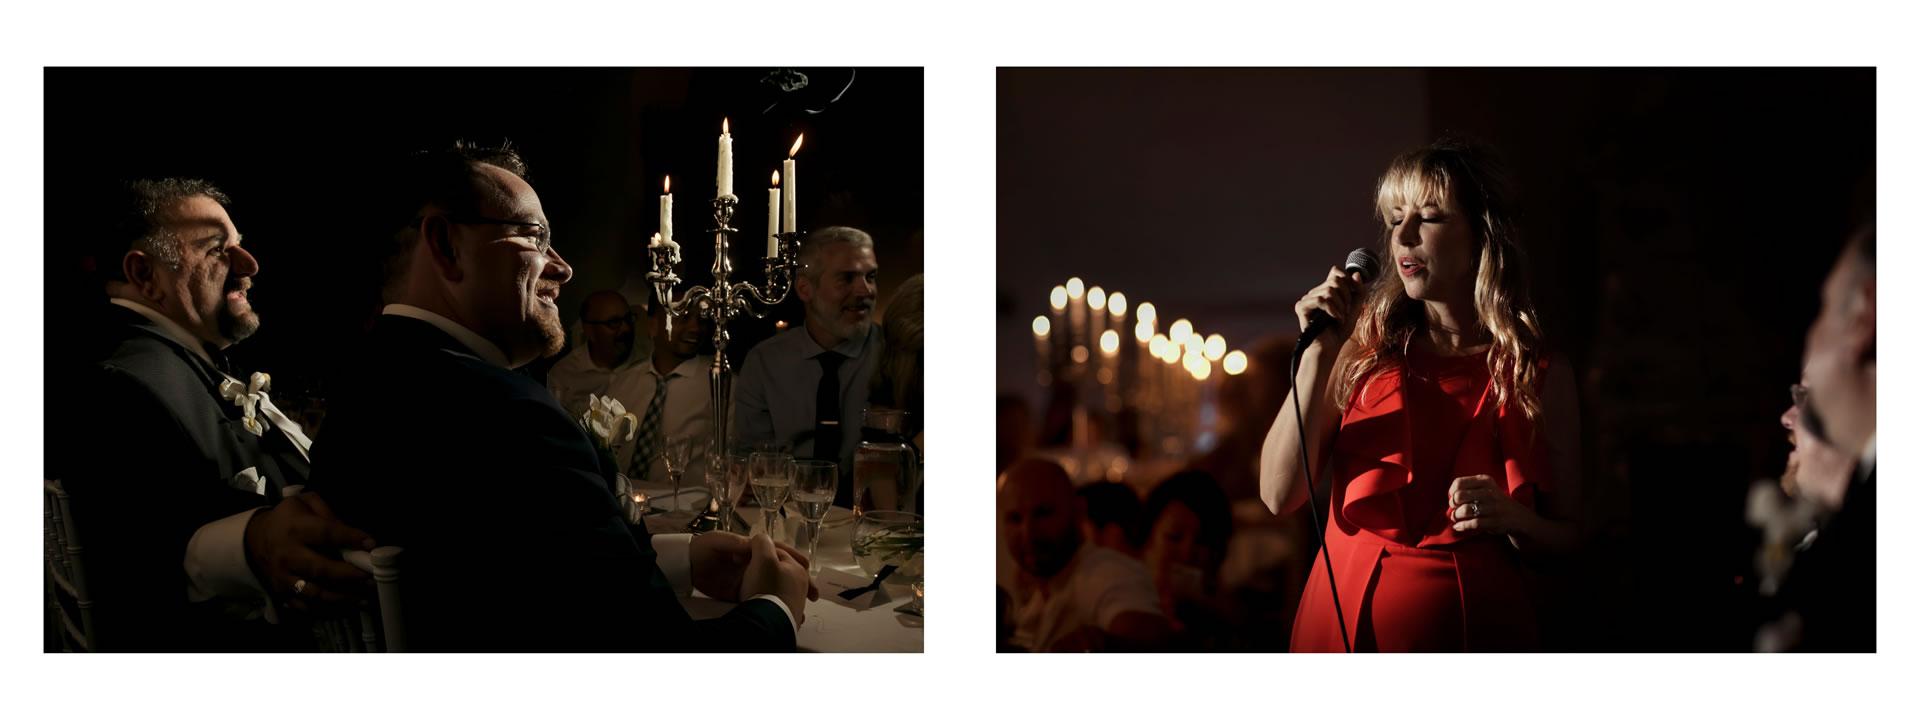 same-sex-love-in-portofino-david-bastianoni-photographer-00032 - 32 :: Wedding in Portofino // WPPI 2018 // The man that I love :: Luxury wedding photography - 31 :: same-sex-love-in-portofino-david-bastianoni-photographer-00032 - 32